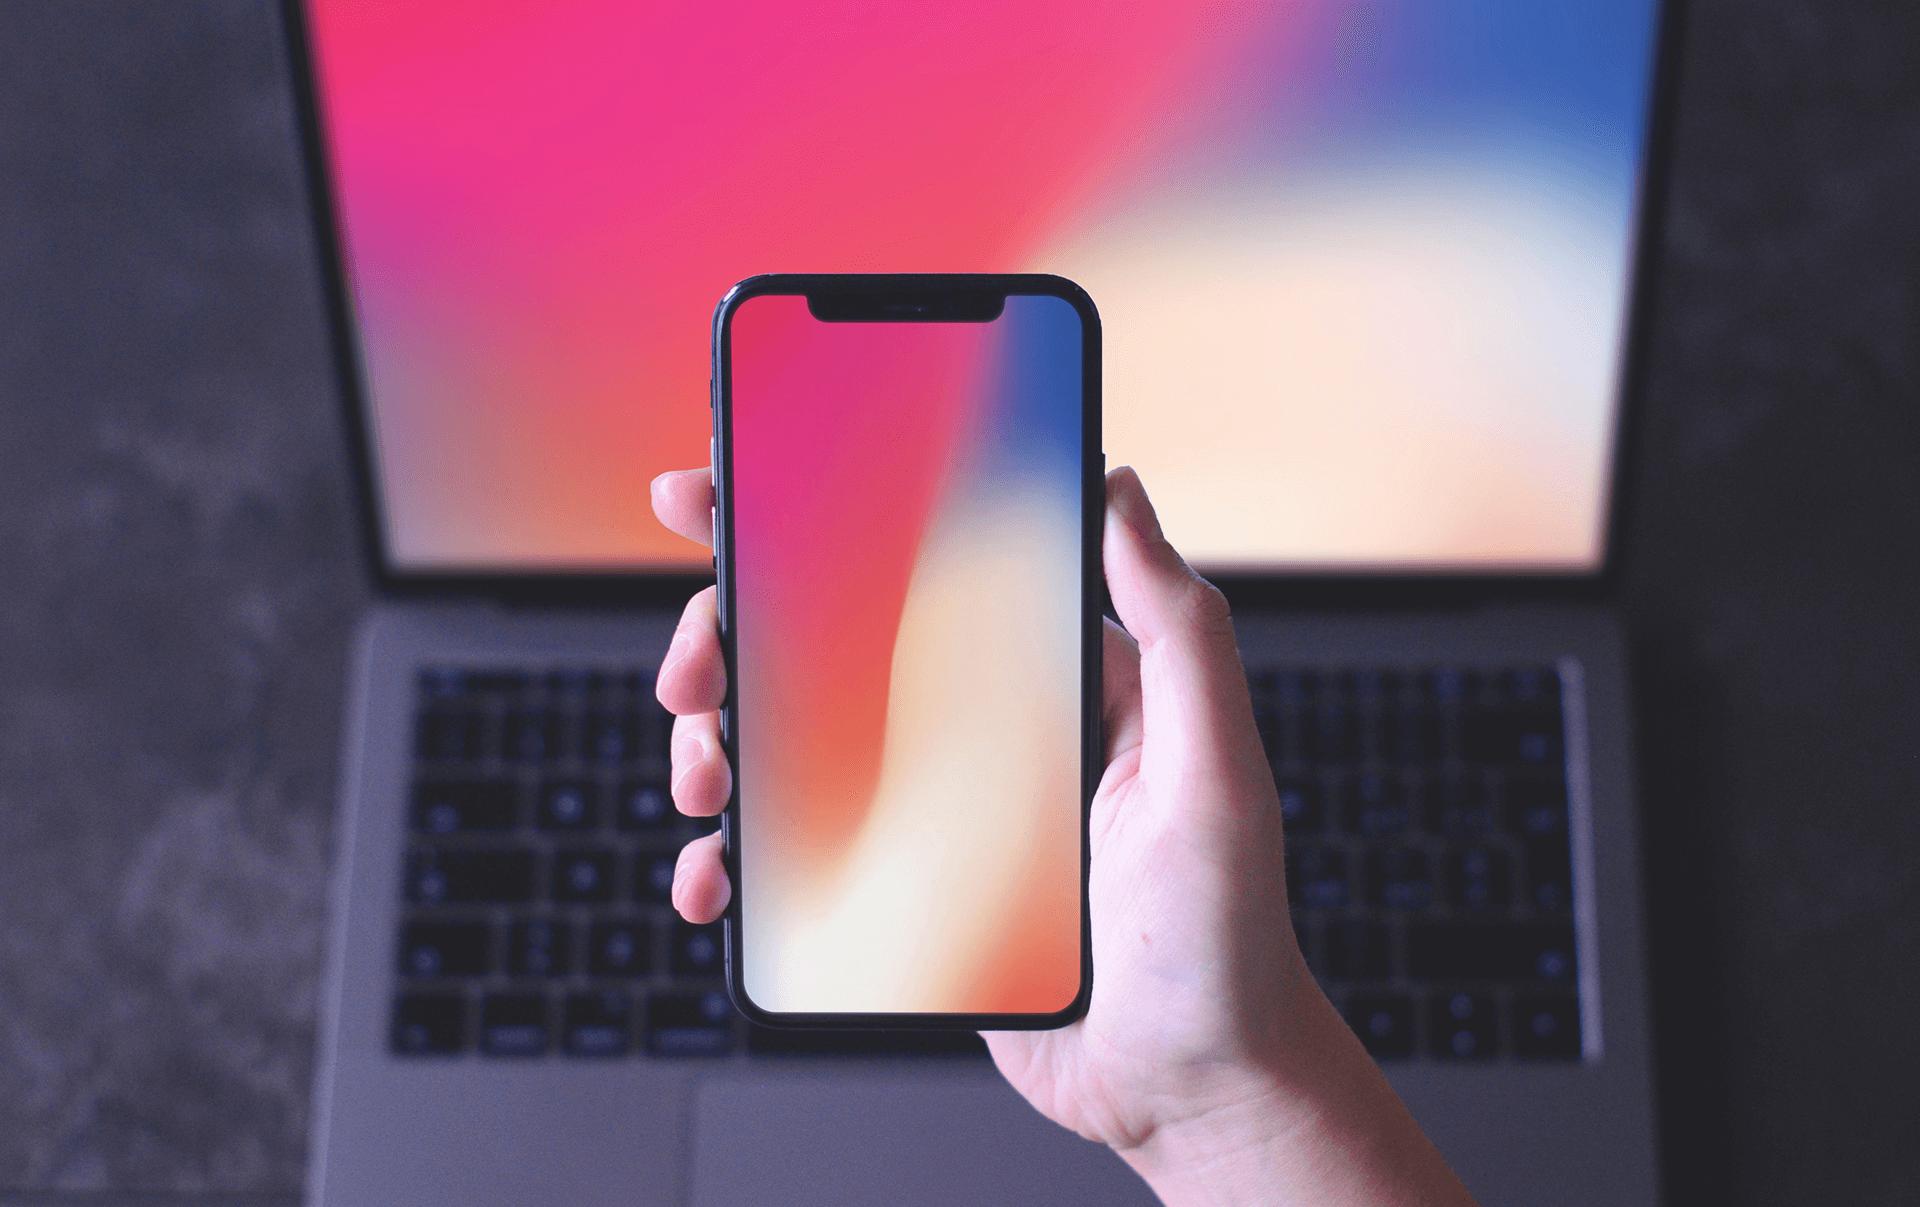 PSD мокап iPhone X на фоне MacBook